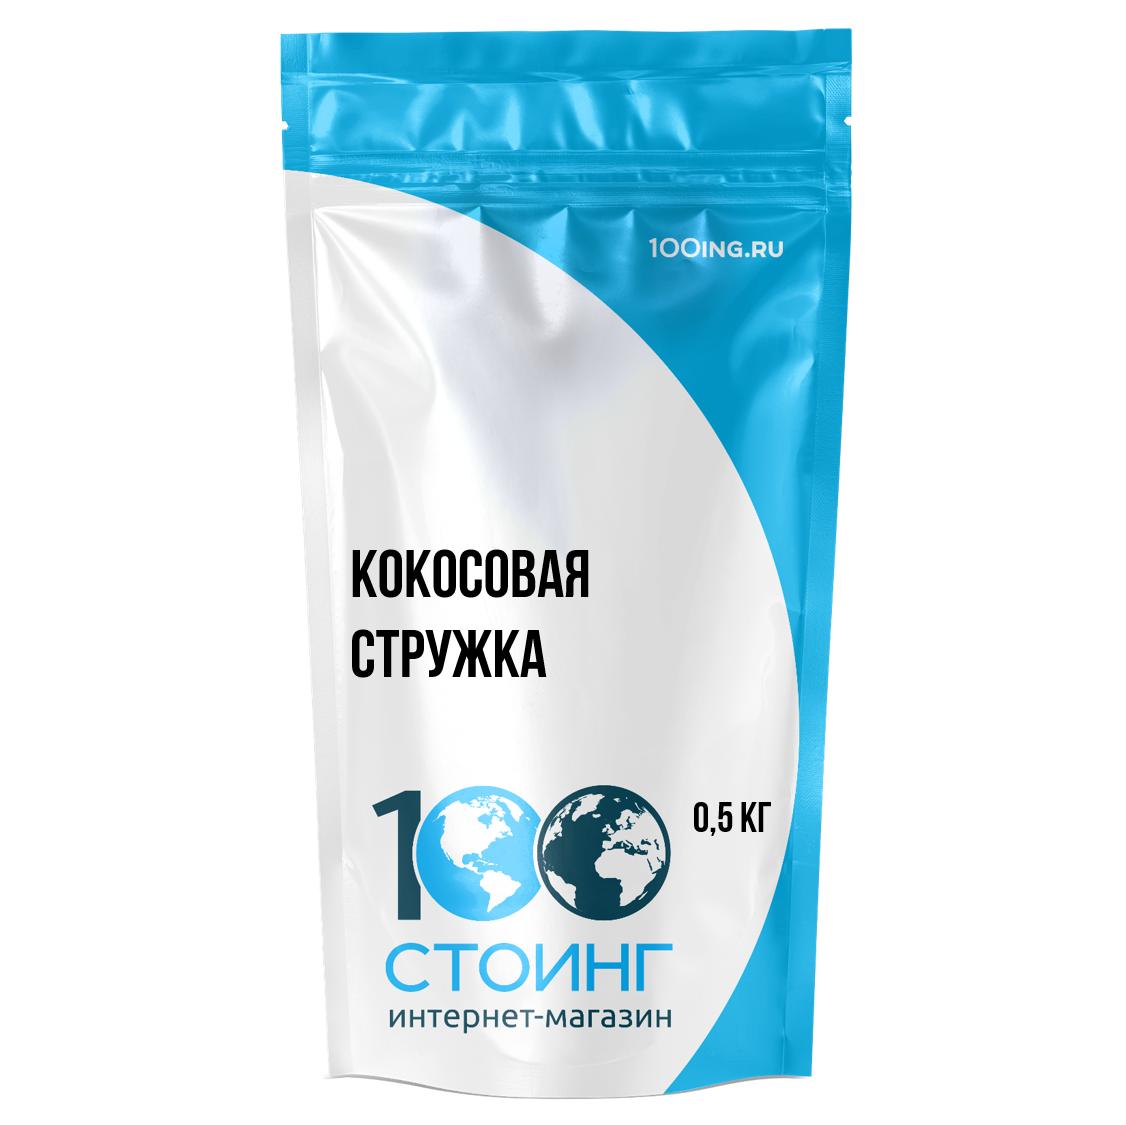 Кокосовая стружка (500 гр) | 100ing.ru